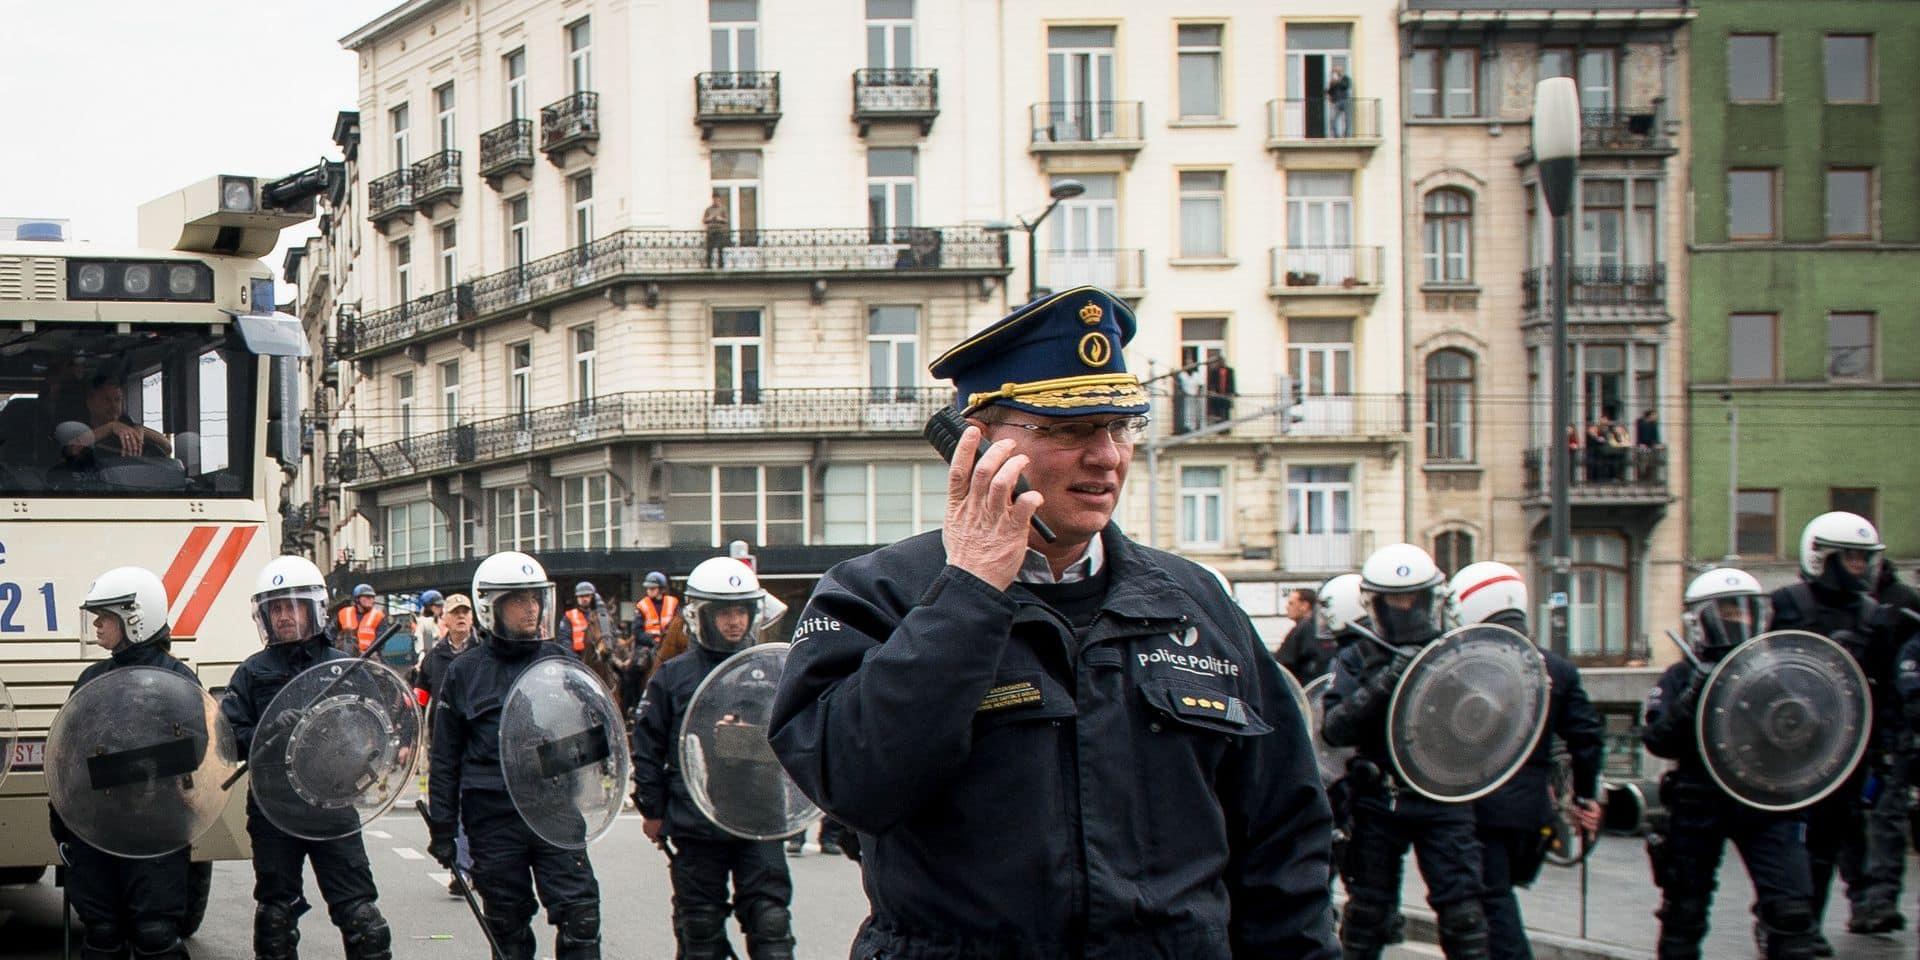 Zone de police de Bruxelles-Ixelles: le commissaire Vandersmissen conteste sa suspension devant le Conseil d'État